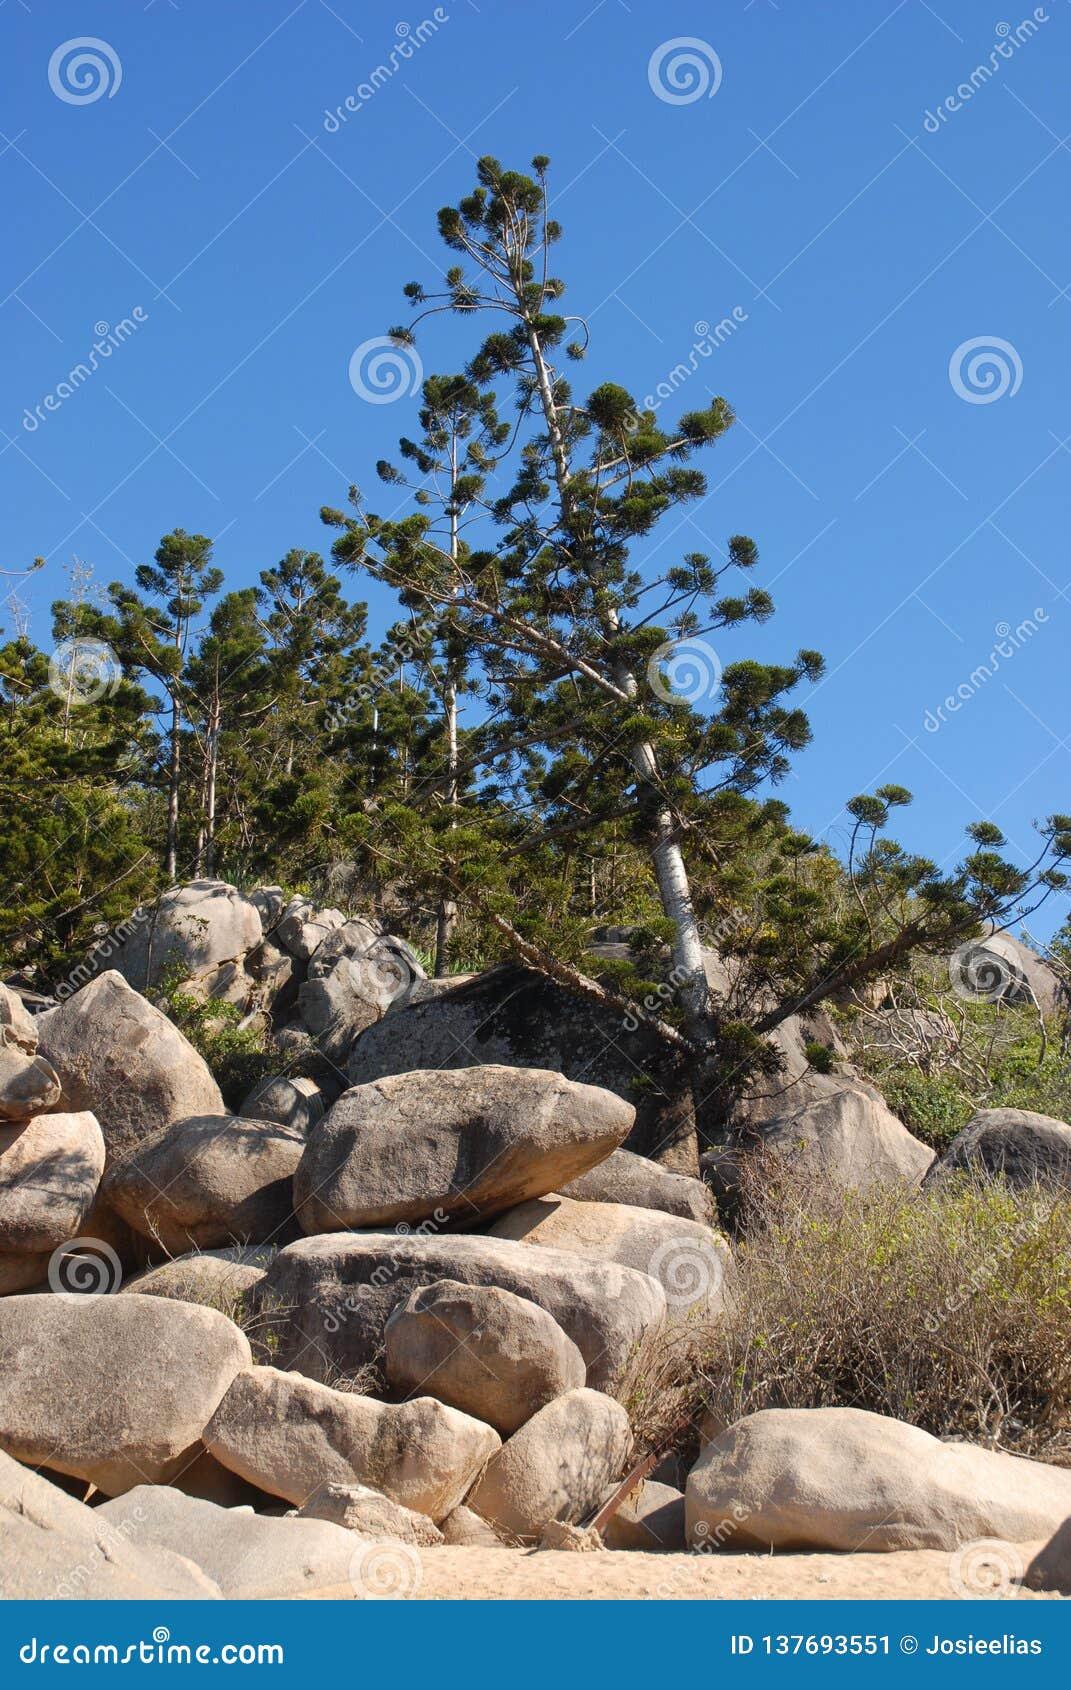 Hoepelpijnboom, Araucaria cunninghamii, Australische inheemse species